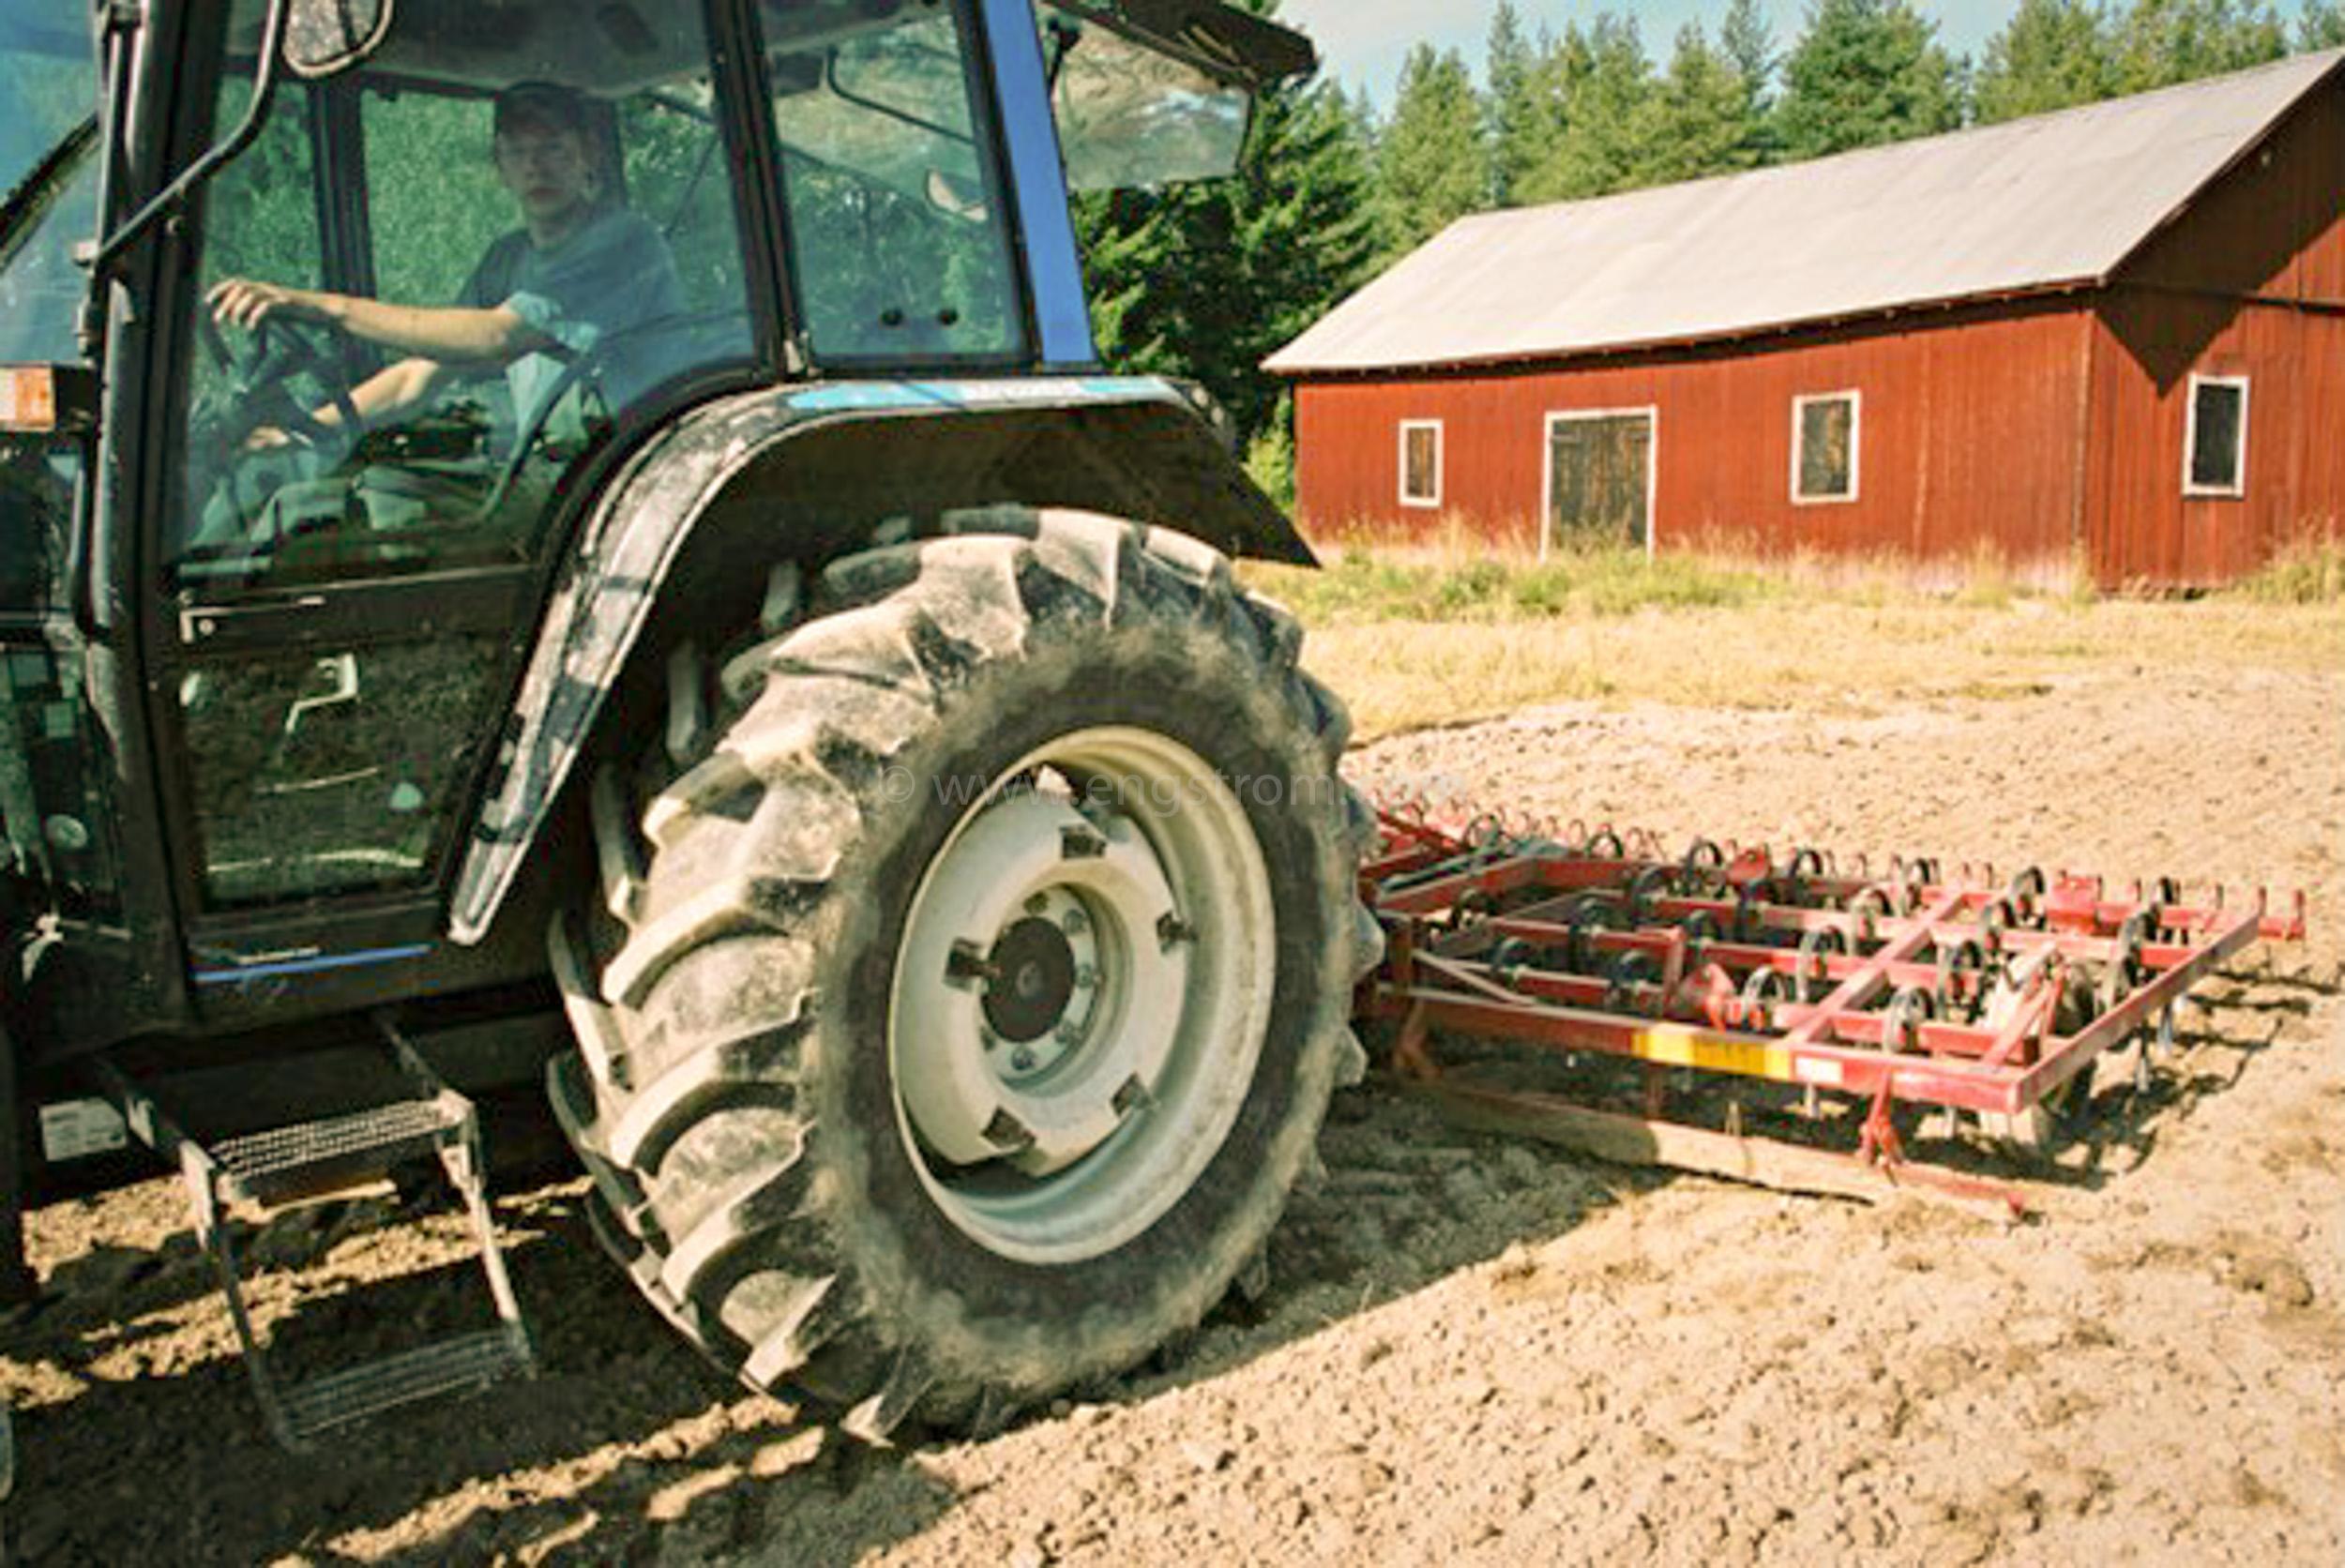 JE0425_055, Såbäddsberedning inför höstsådd av vete. Stocksbo hösten 2004, Jonas Engström